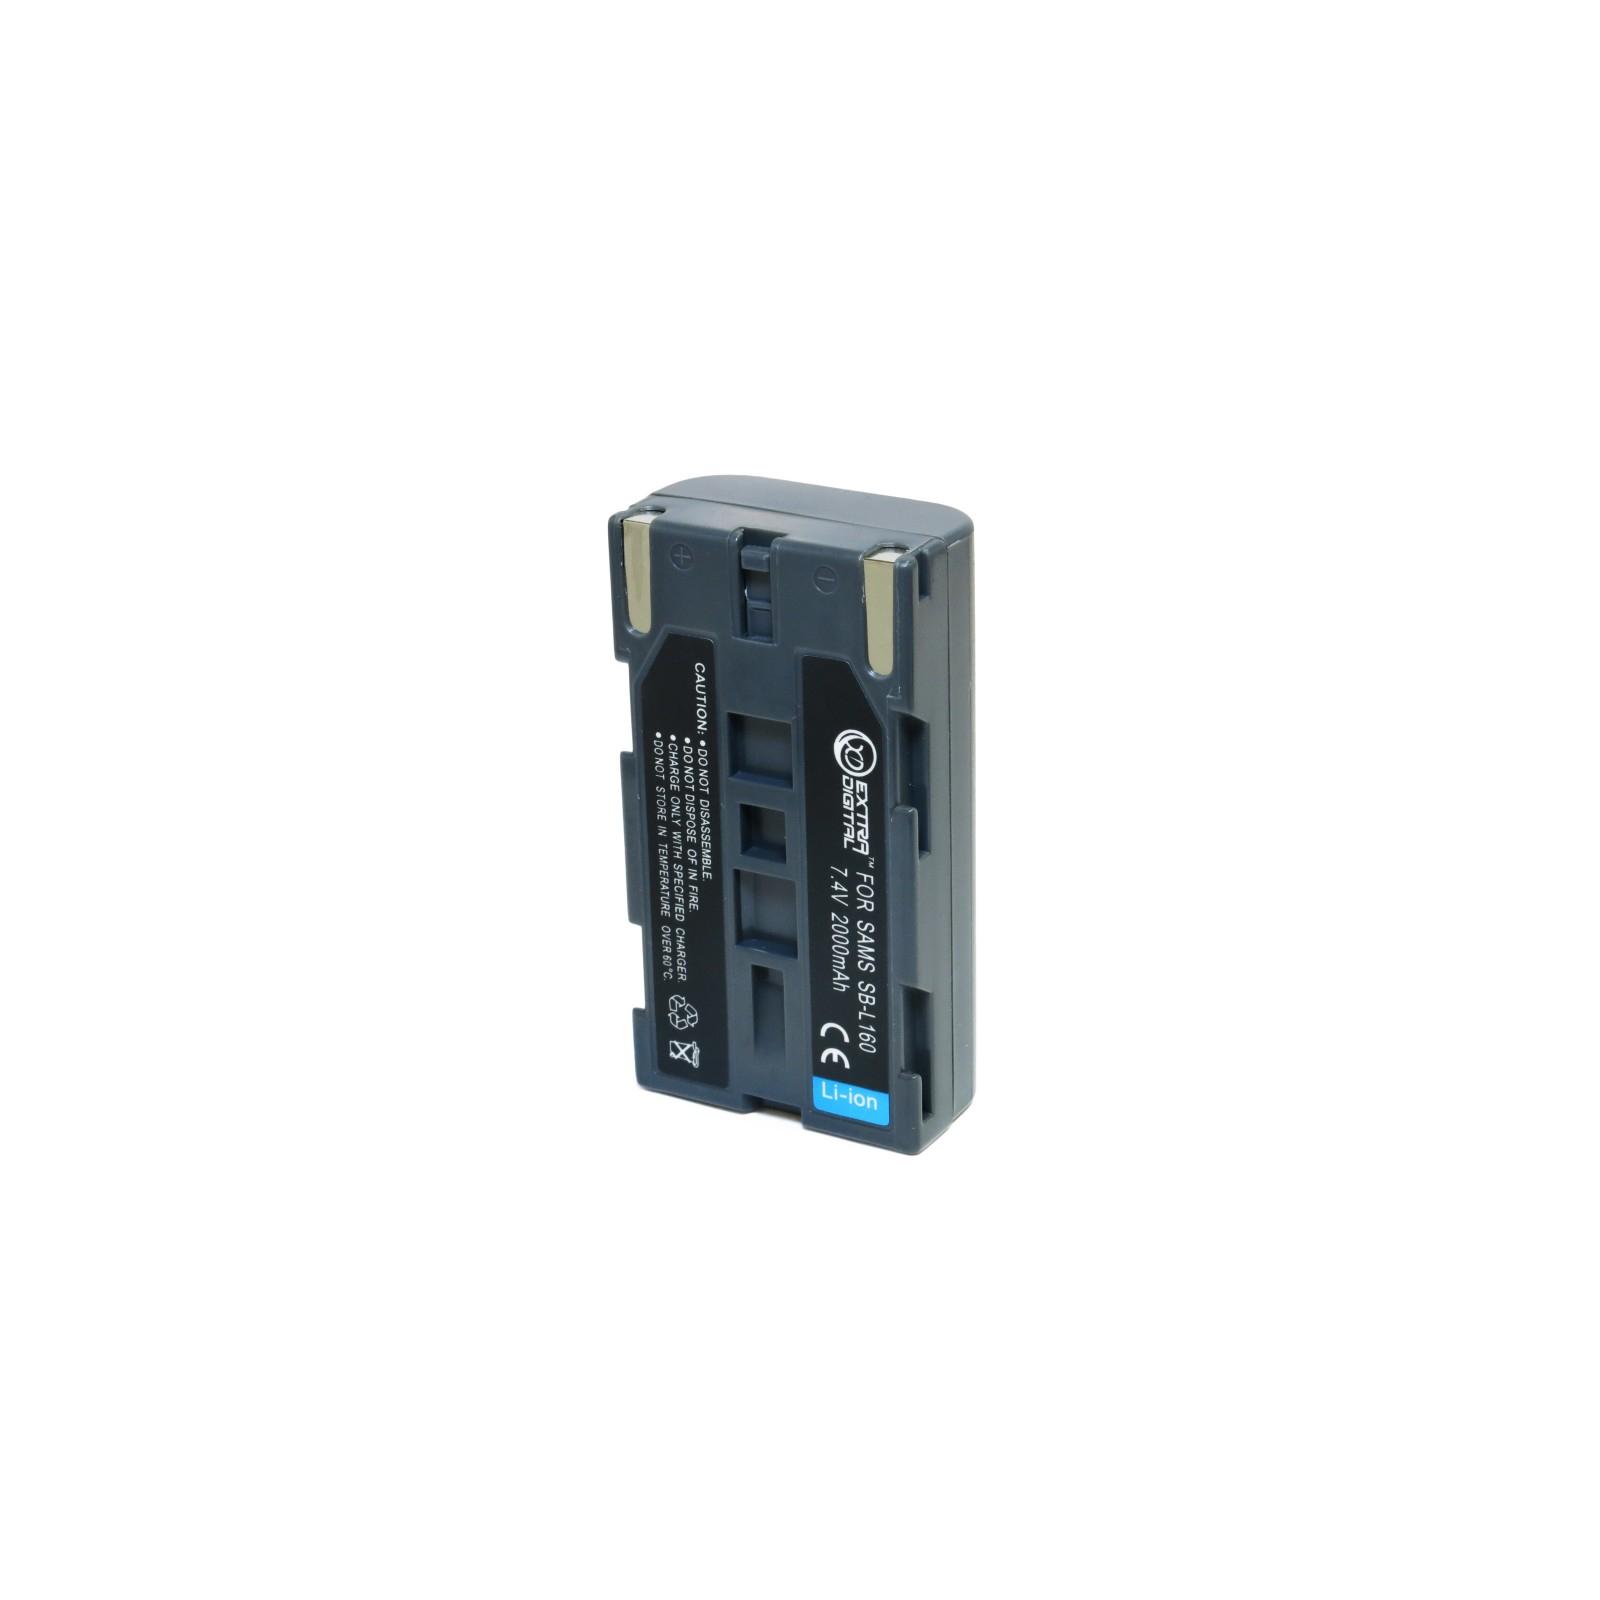 Аккумулятор к фото/видео EXTRADIGITAL Samsung SB-L160 (DV00DV1277) изображение 5